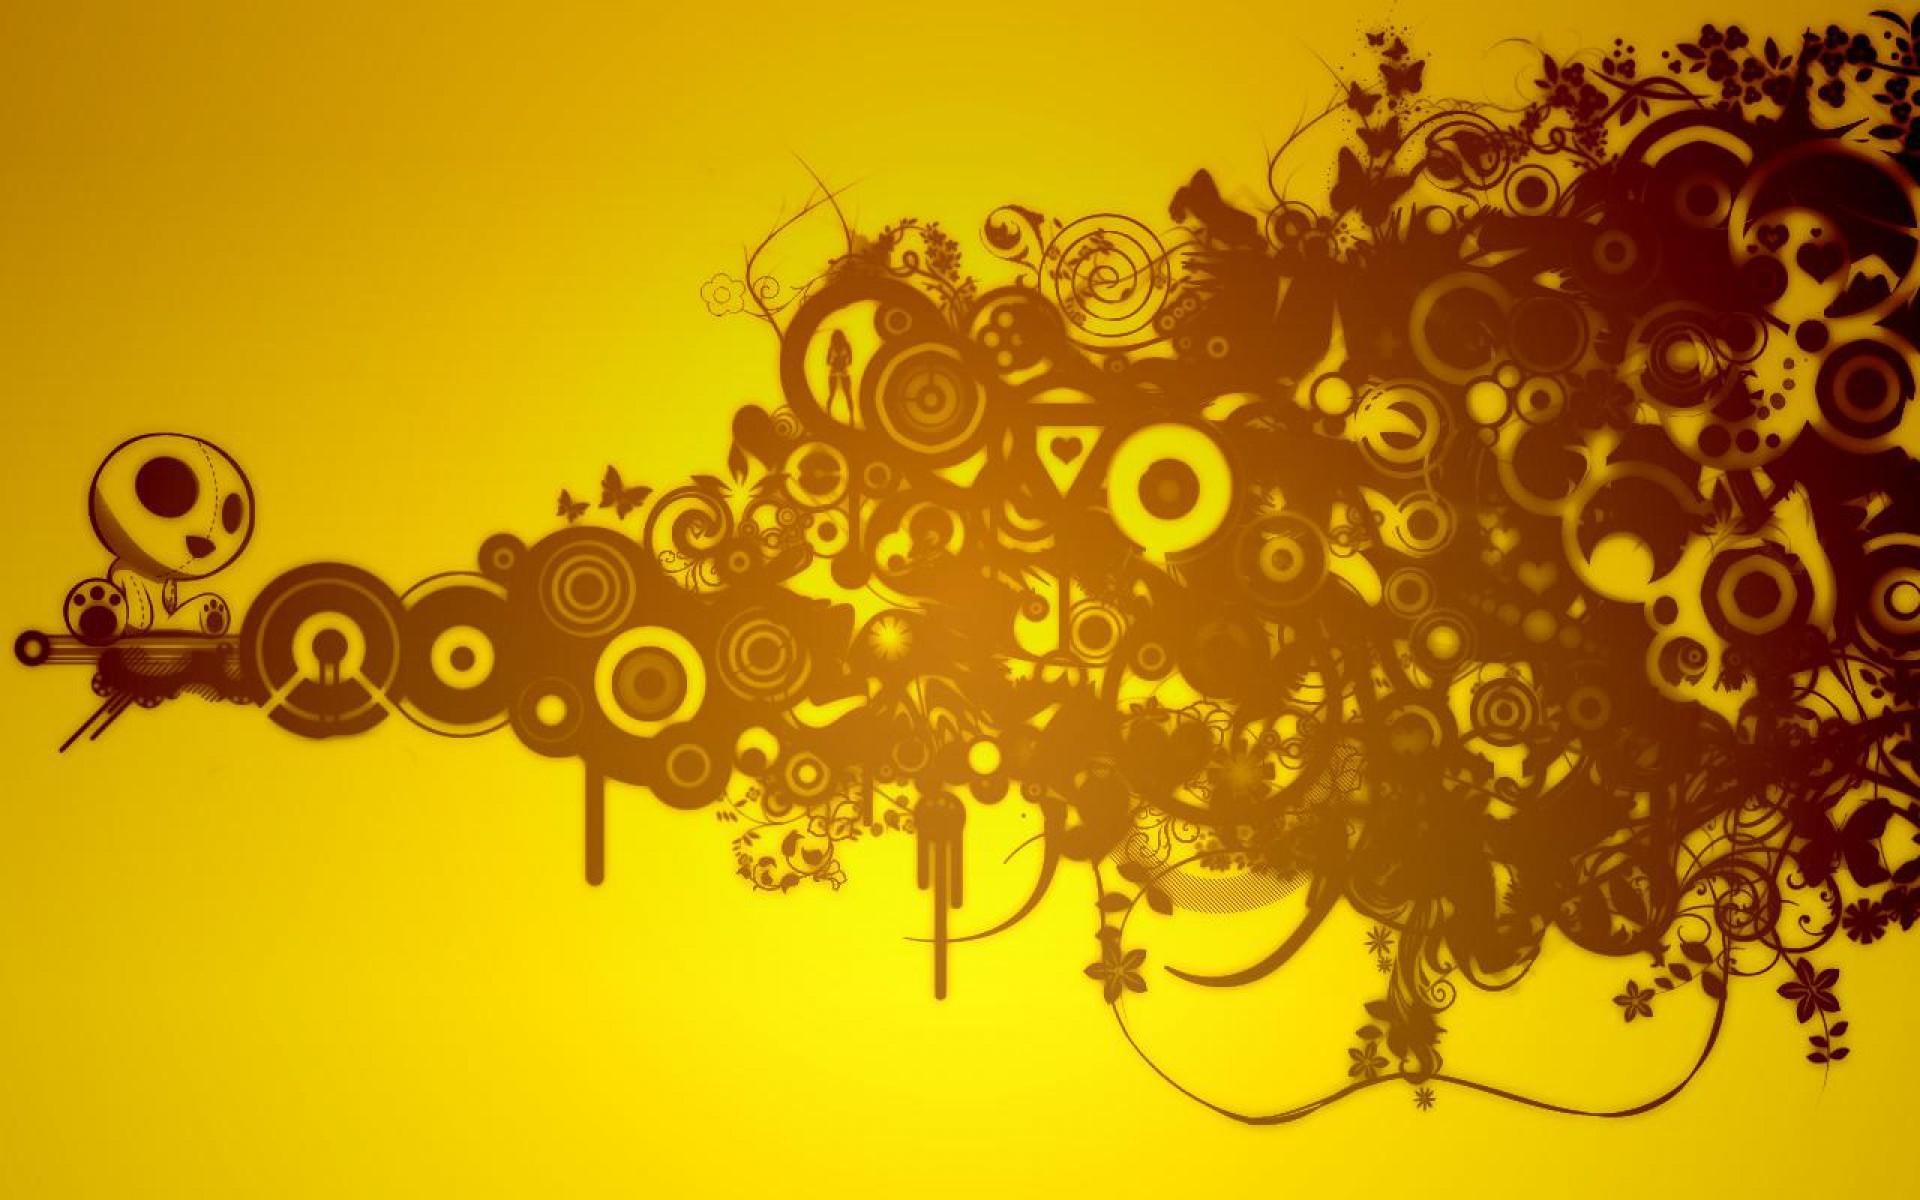 Hình nền màu vàng hoa văn cực đẹp